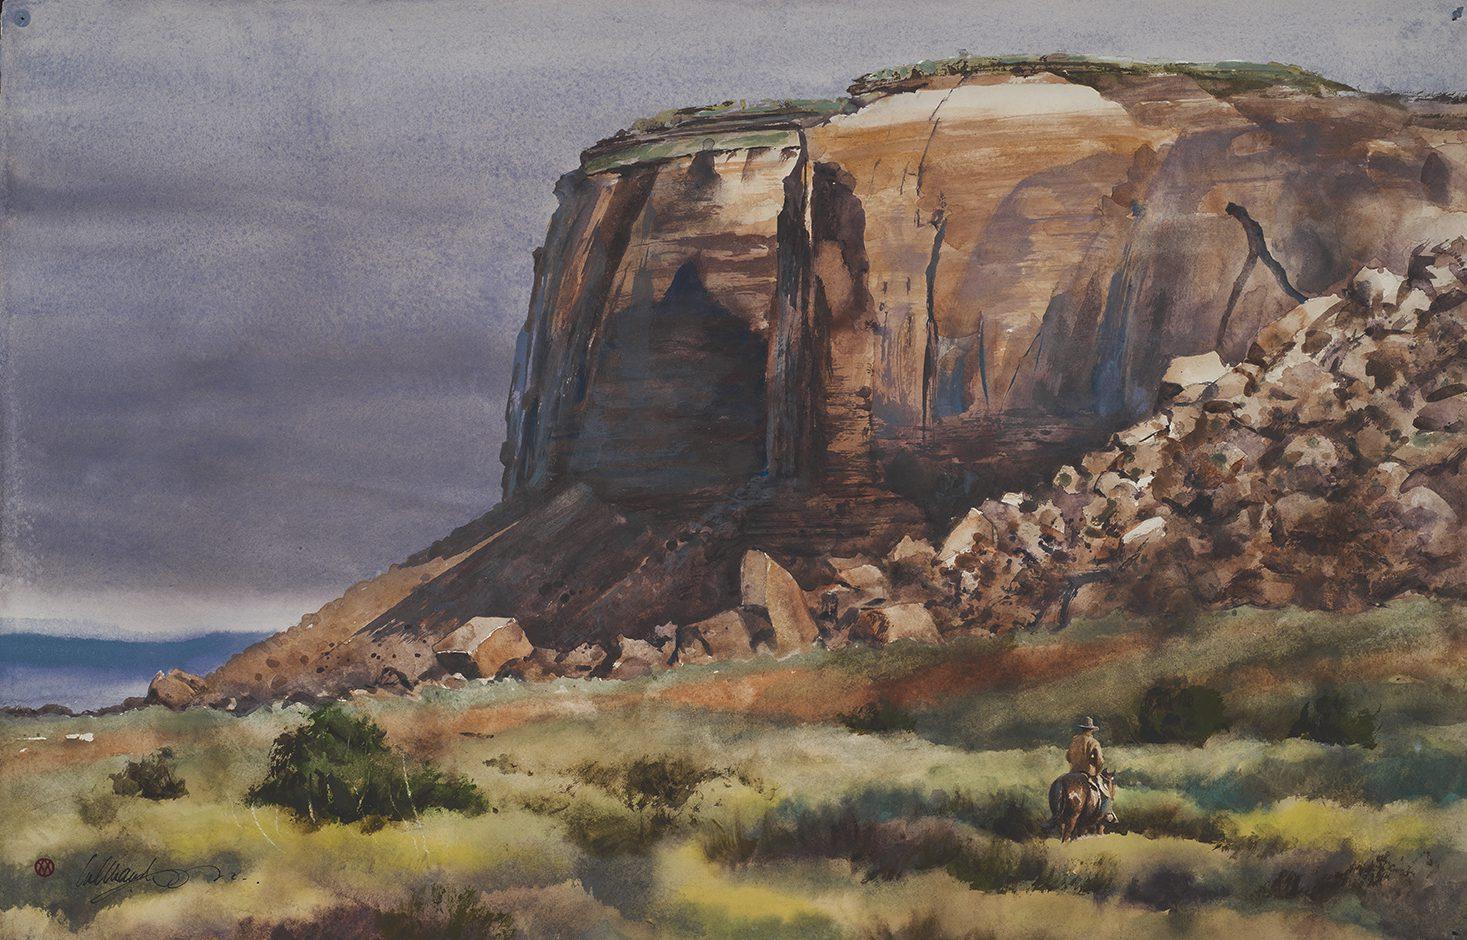 Navajo Cliffs